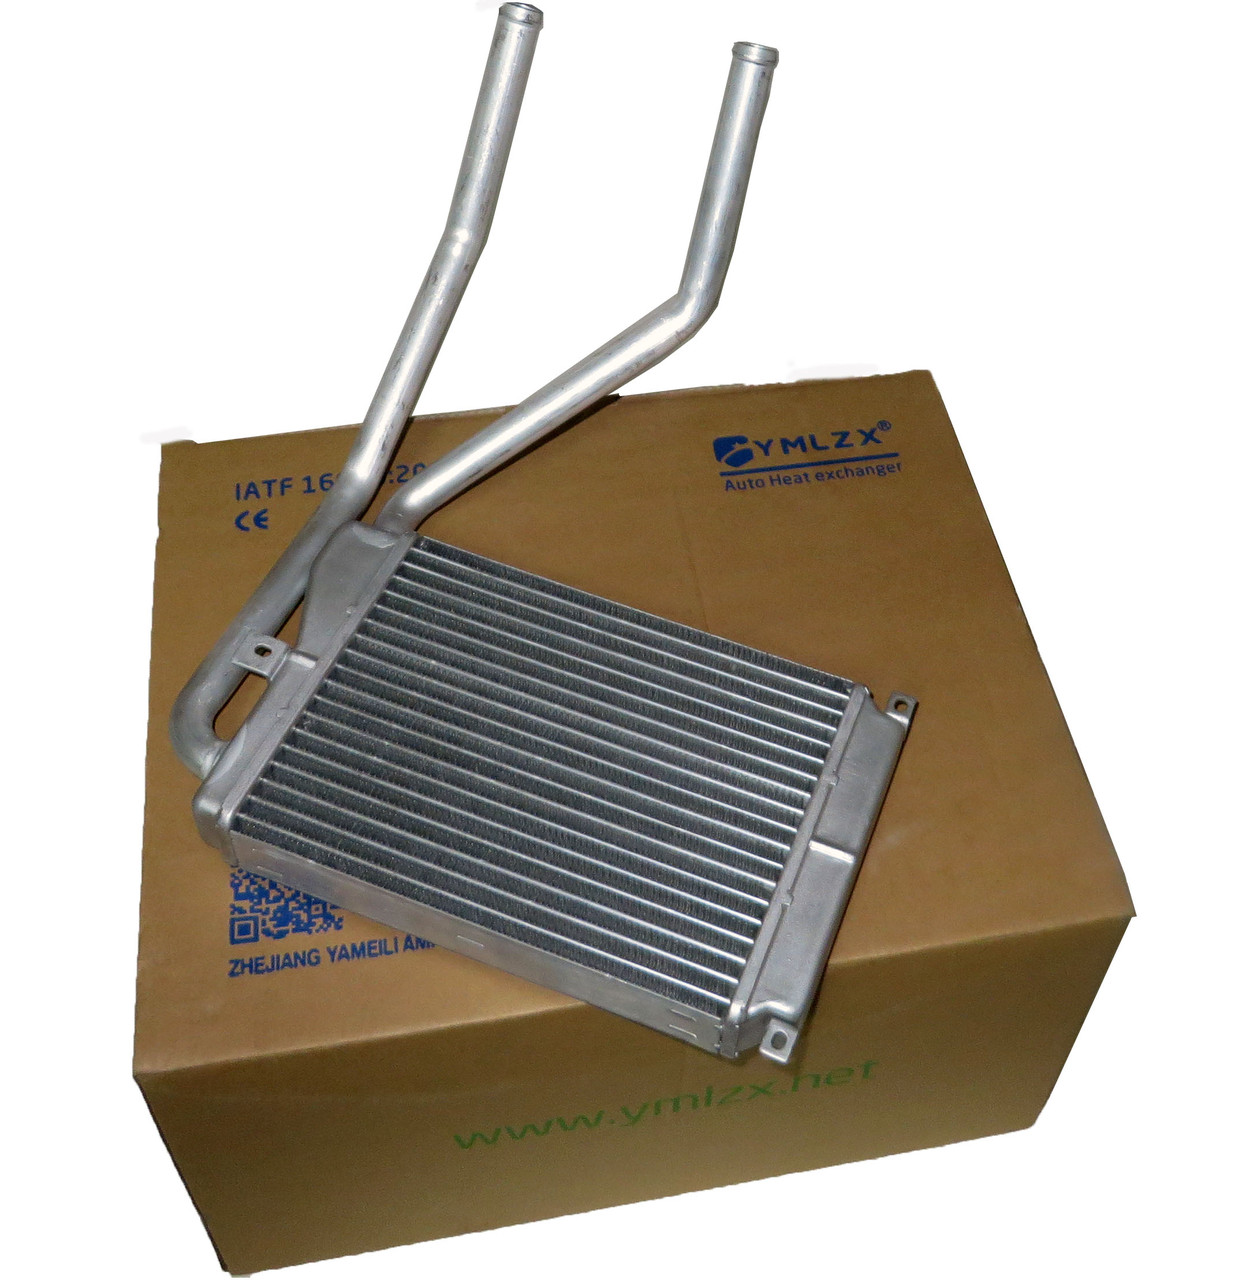 Радиатор печки Нексия с ушками (нов. образца), YMLZX, YML-BH-301, 03059812-10